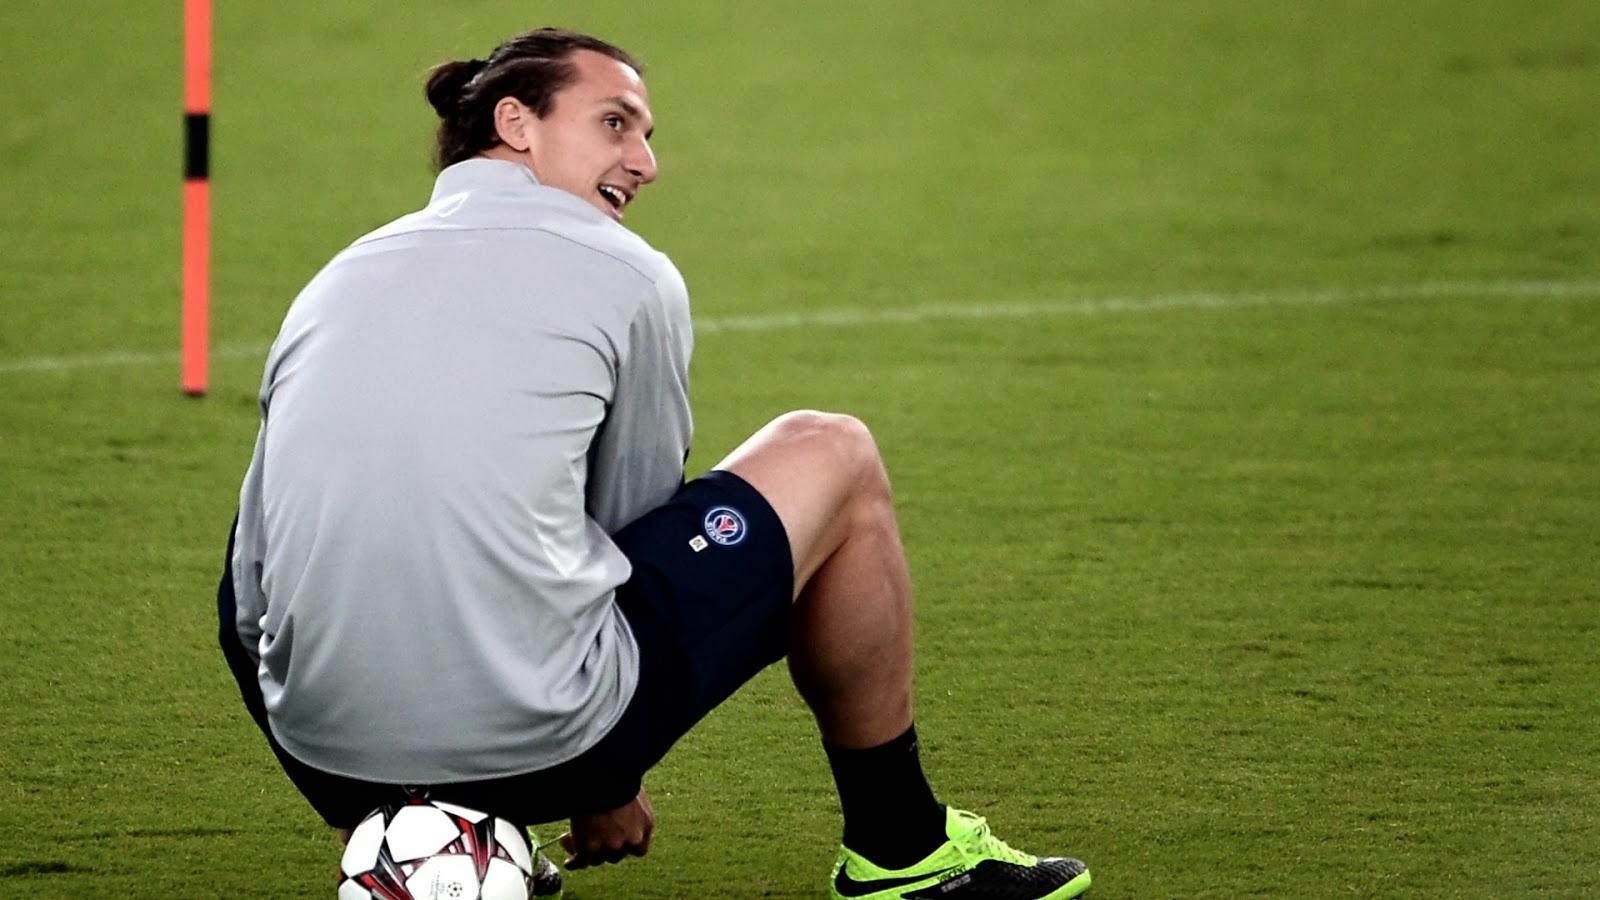 Zlatan Ibrahimovic Football Player Latest HD Wallpapers